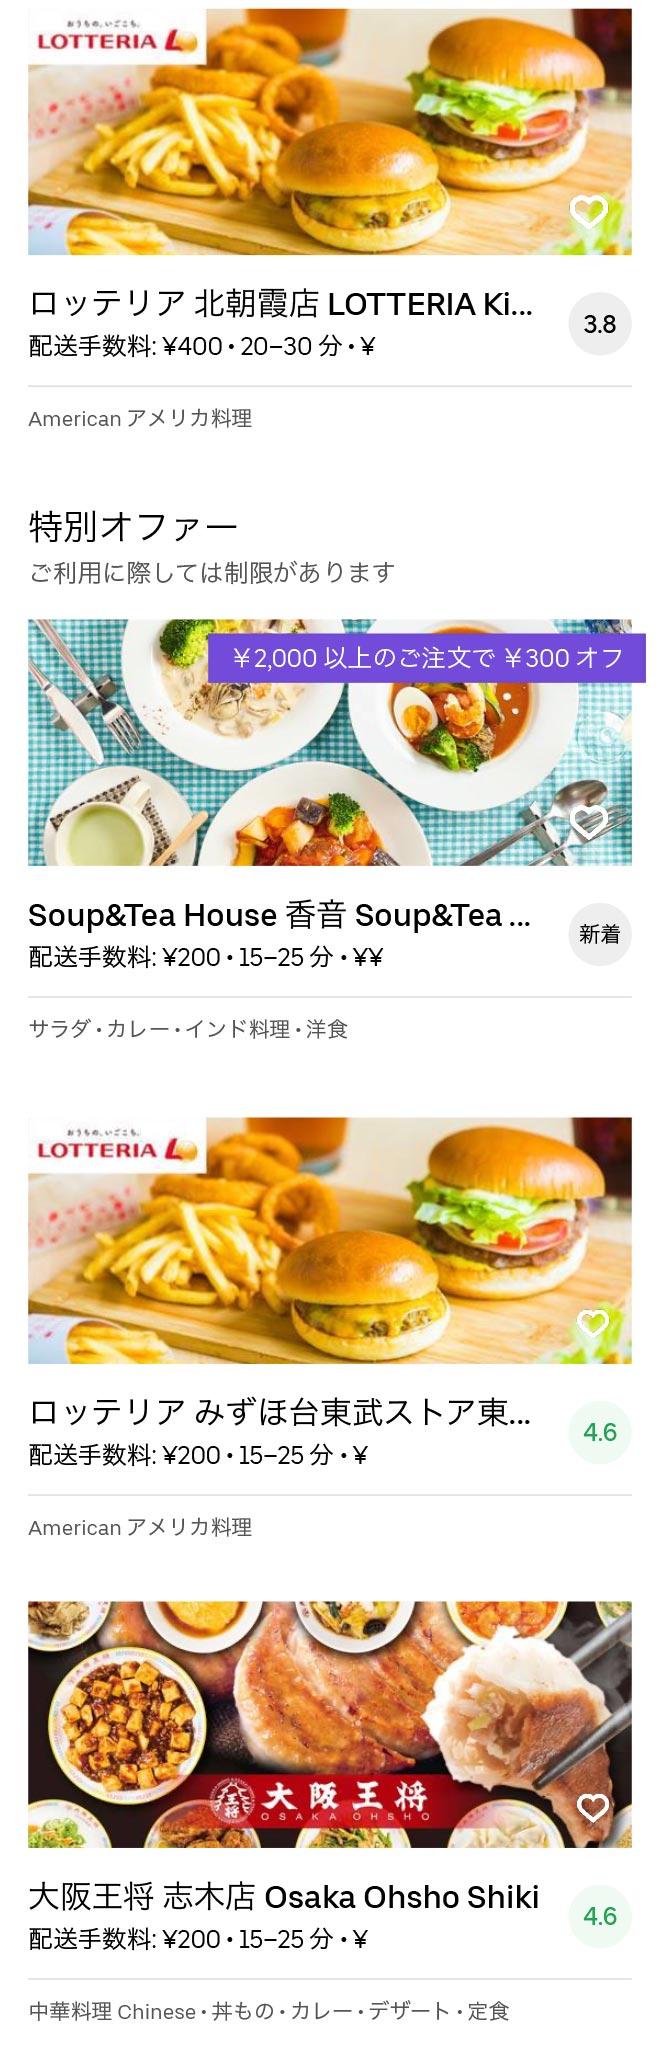 Shiki yanasegawa menu 2004 01